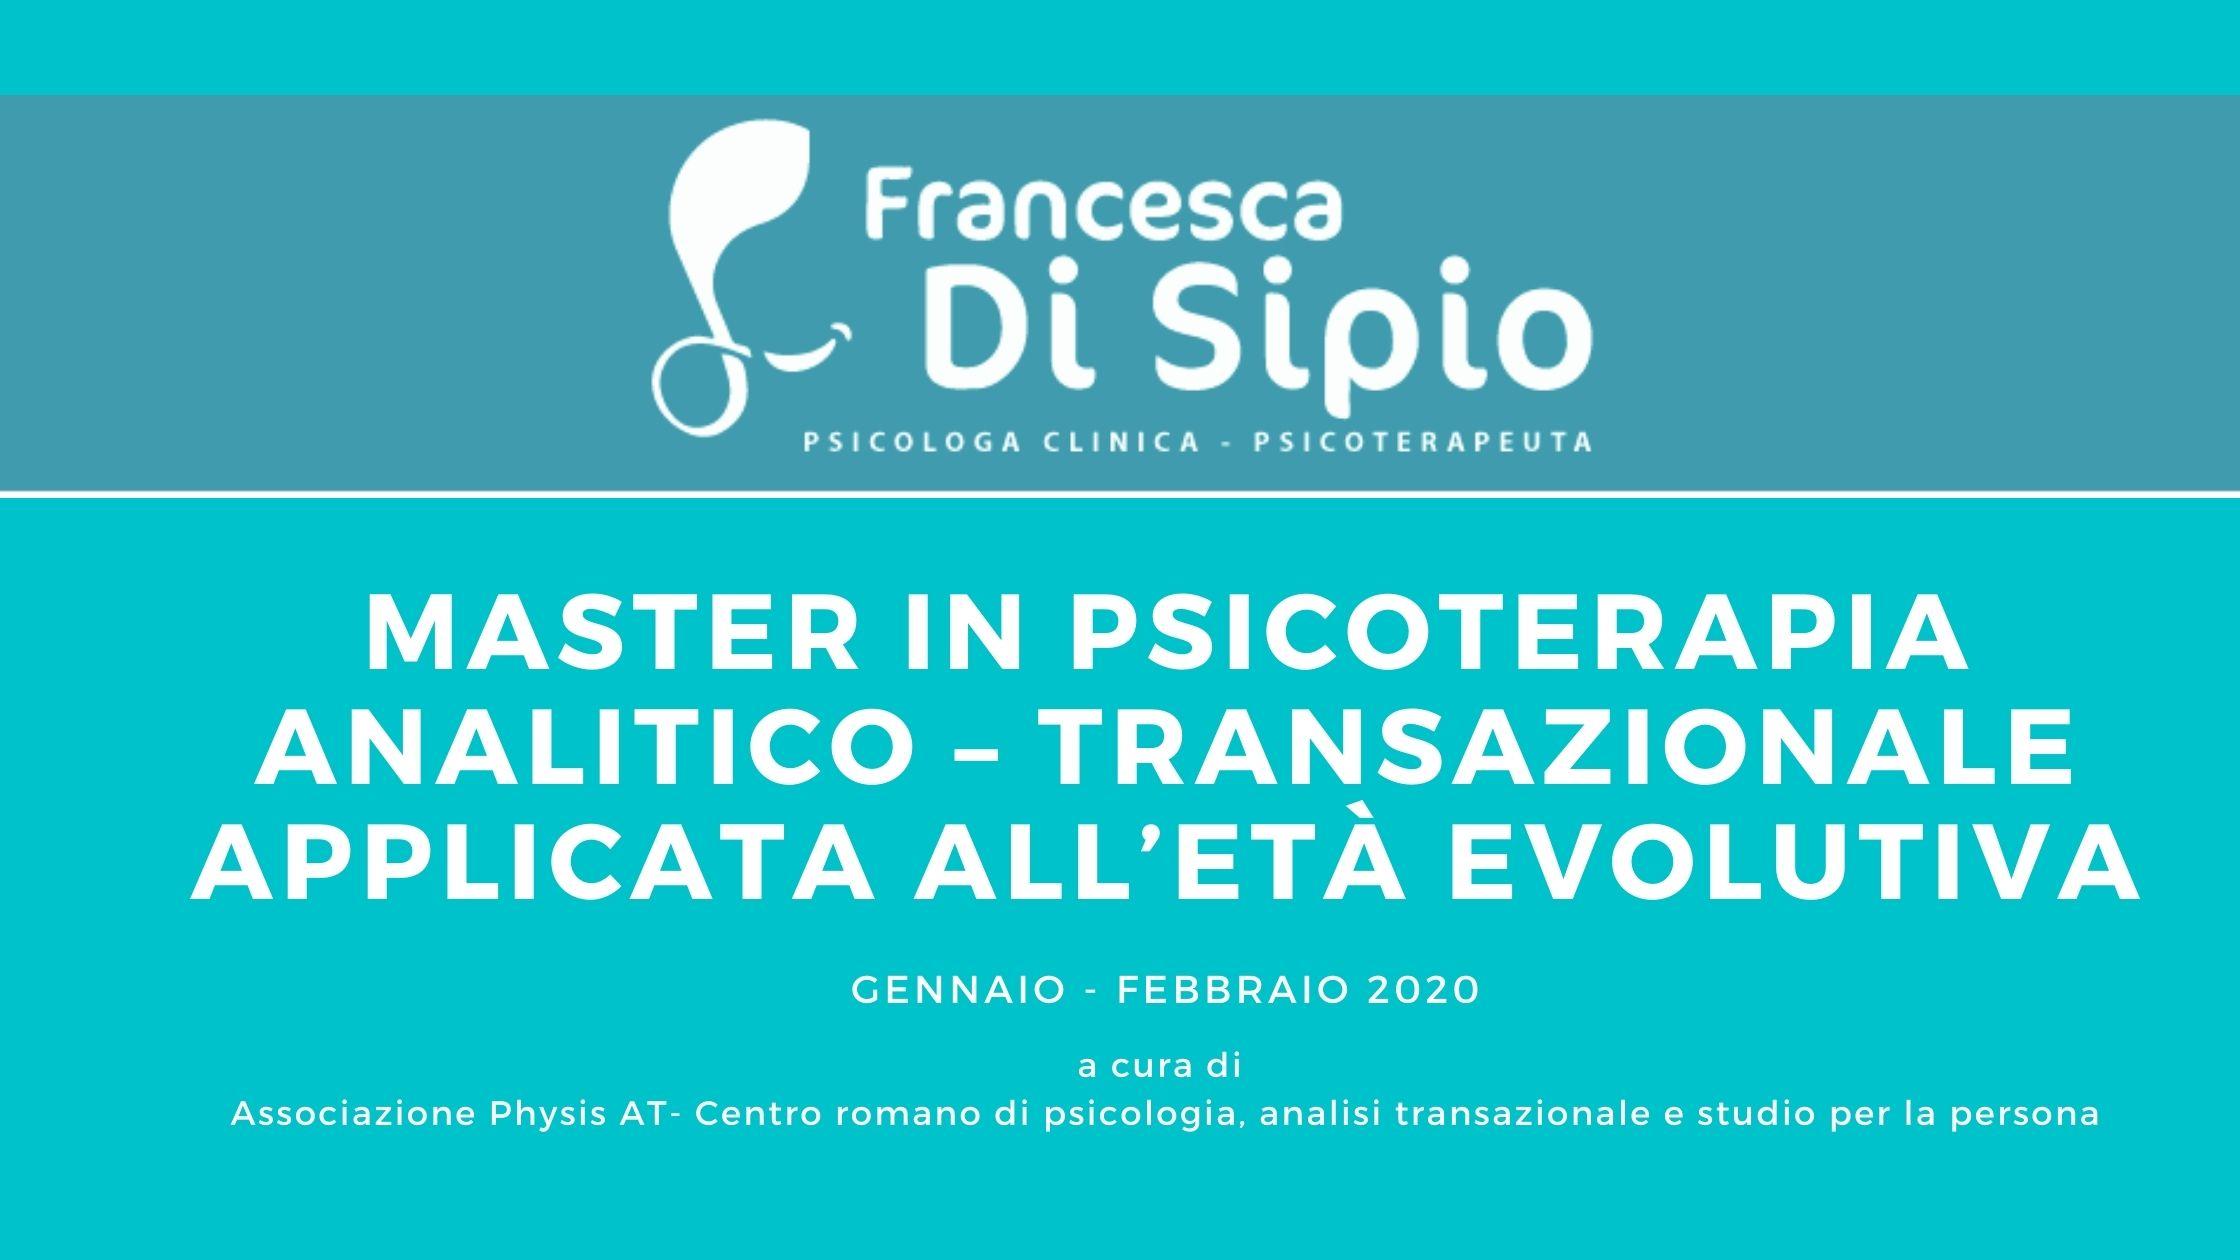 Master in psicoterapia analitico – transazionale applicata all'età evolutiva